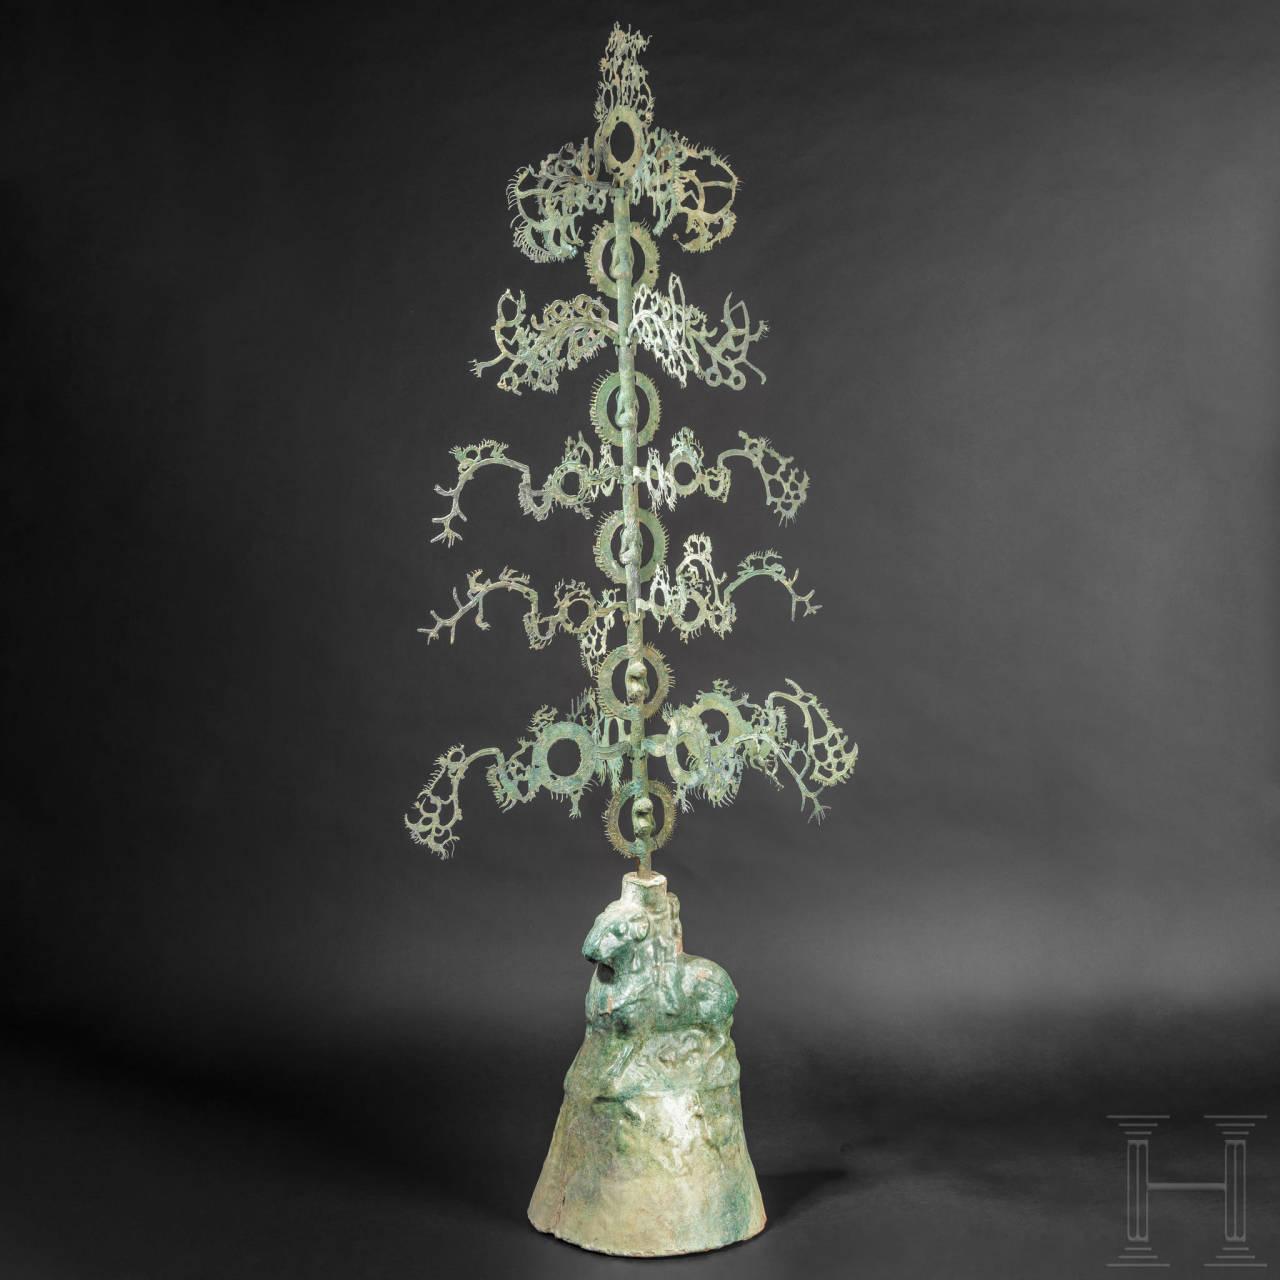 Äußerst seltener und früher Geldschüttelbaum, sogenannter Yao-quian-shu, China, östliche Han-Dynastie, 25 bis 220 n. Chr.